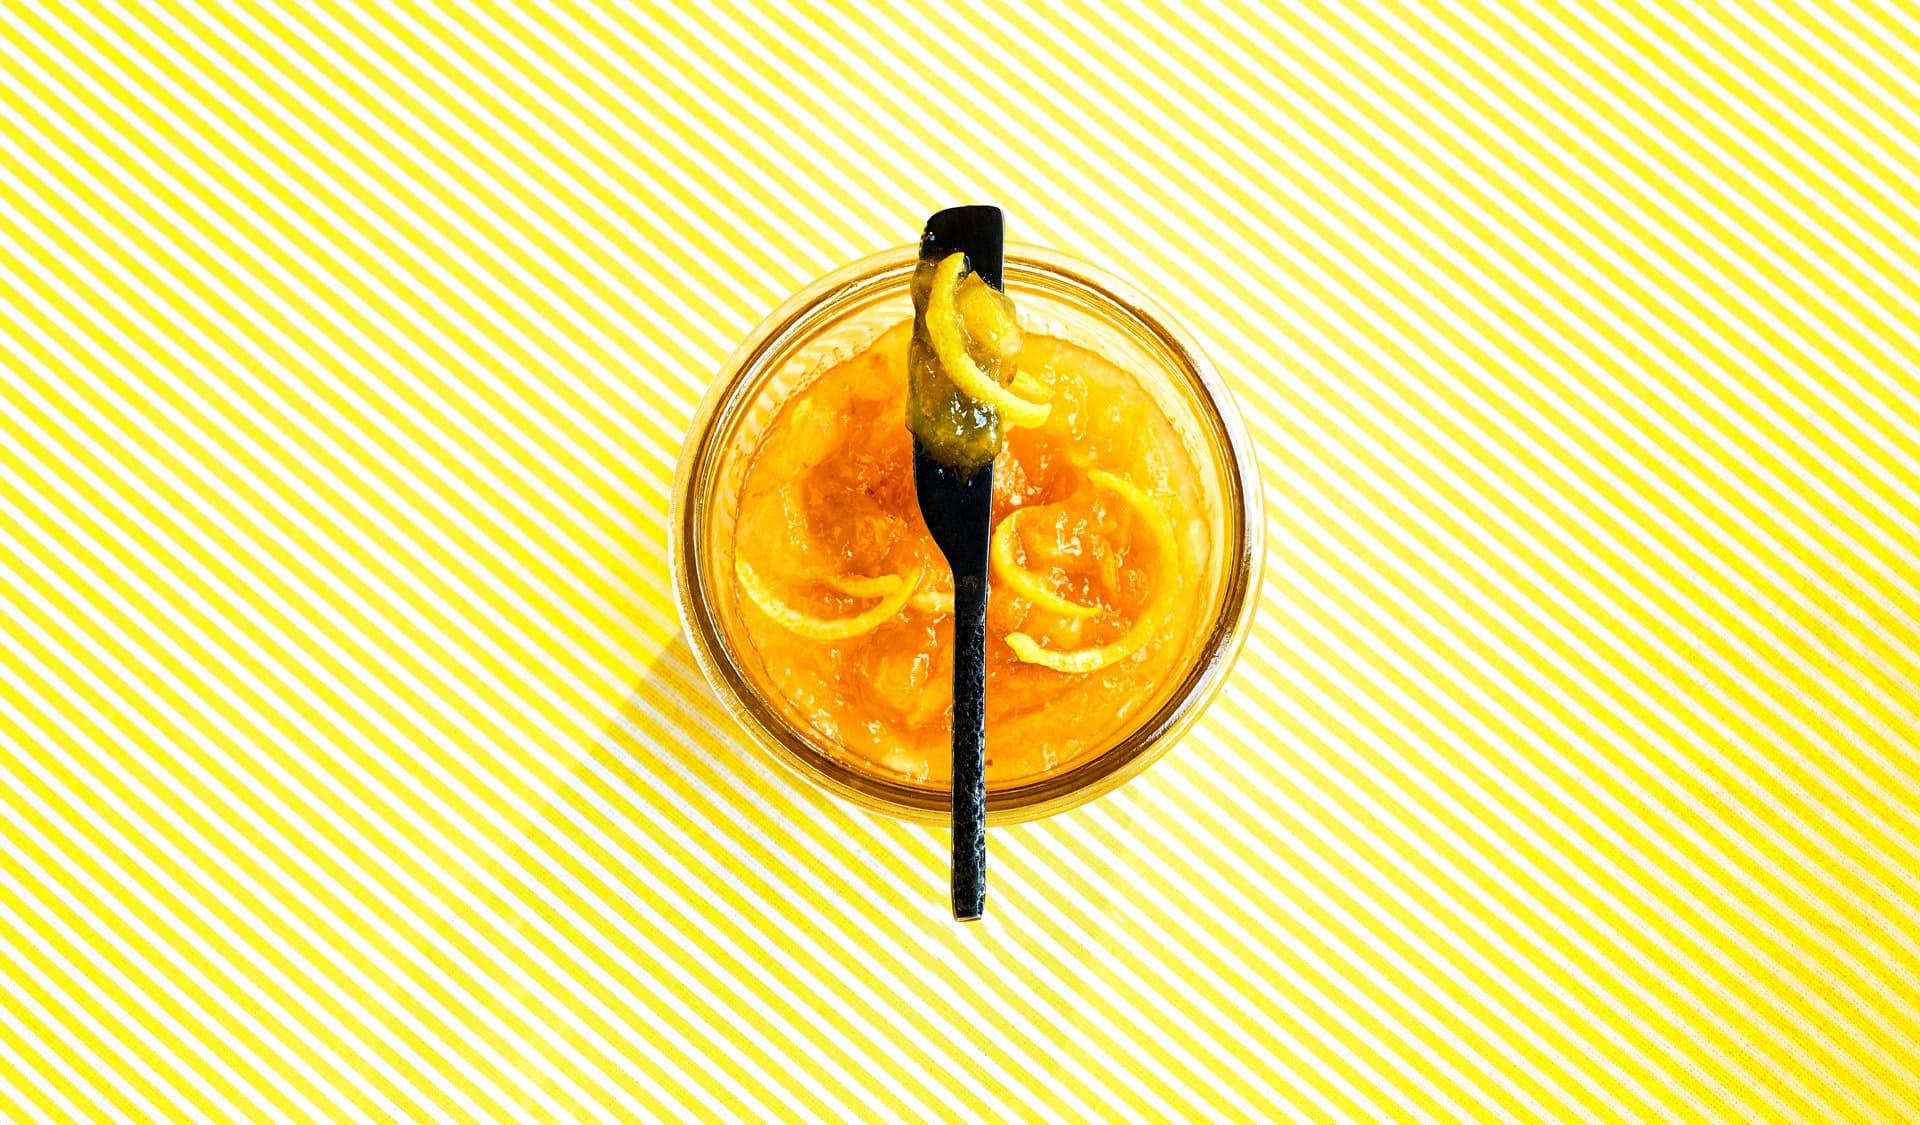 Glas mit Zitronenmarmelade von oben